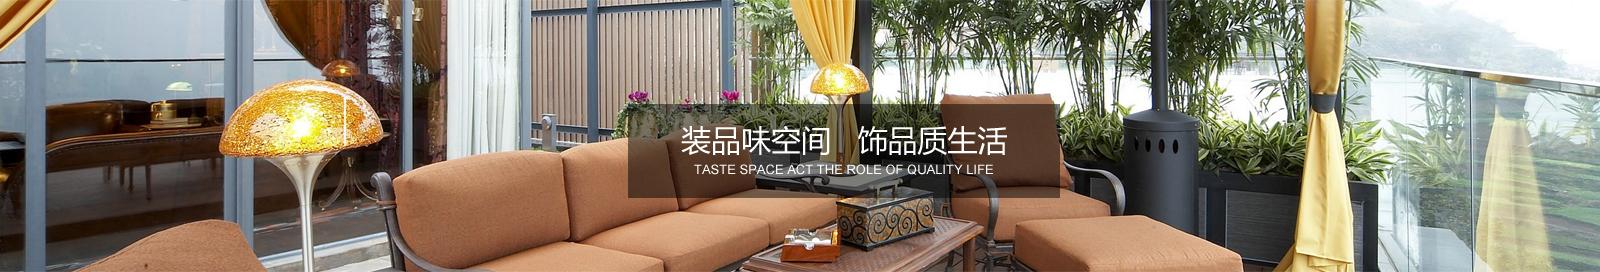 上海友戴室内装潢有限公司